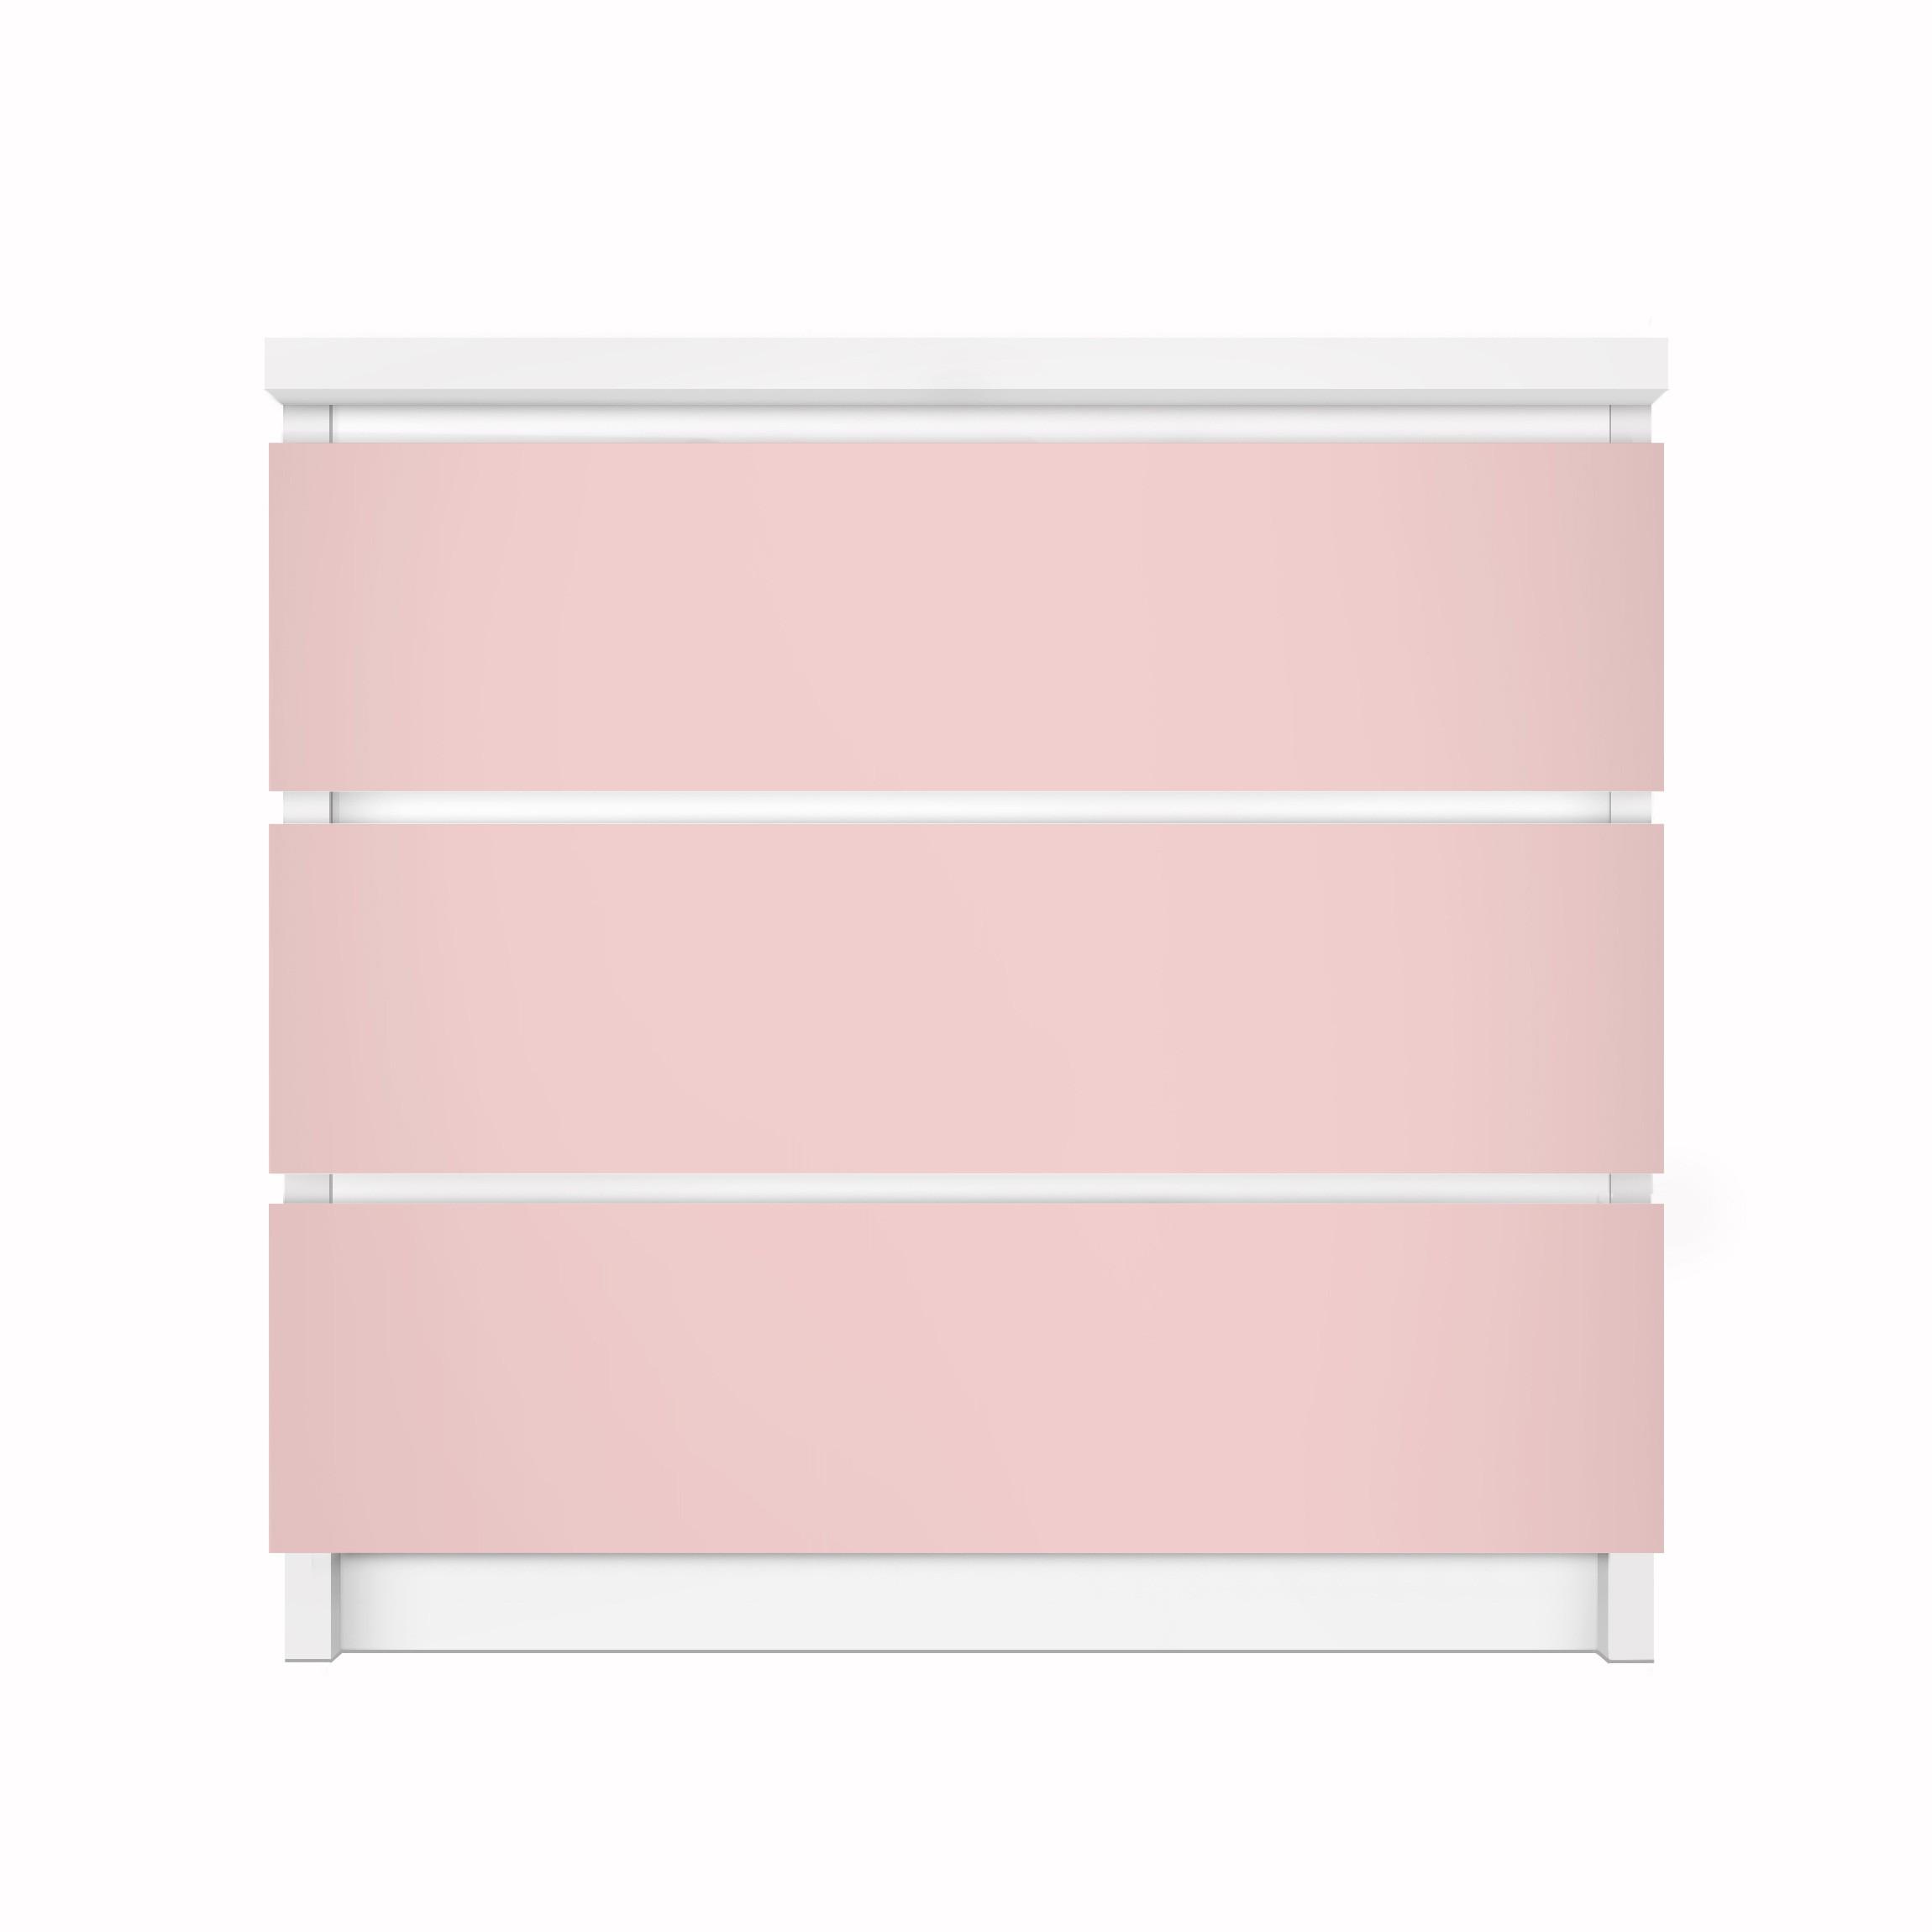 Carta adesiva per mobili ikea malm cassettiera 3xcassetti colour rose - Pellicola adesiva per mobili ikea ...